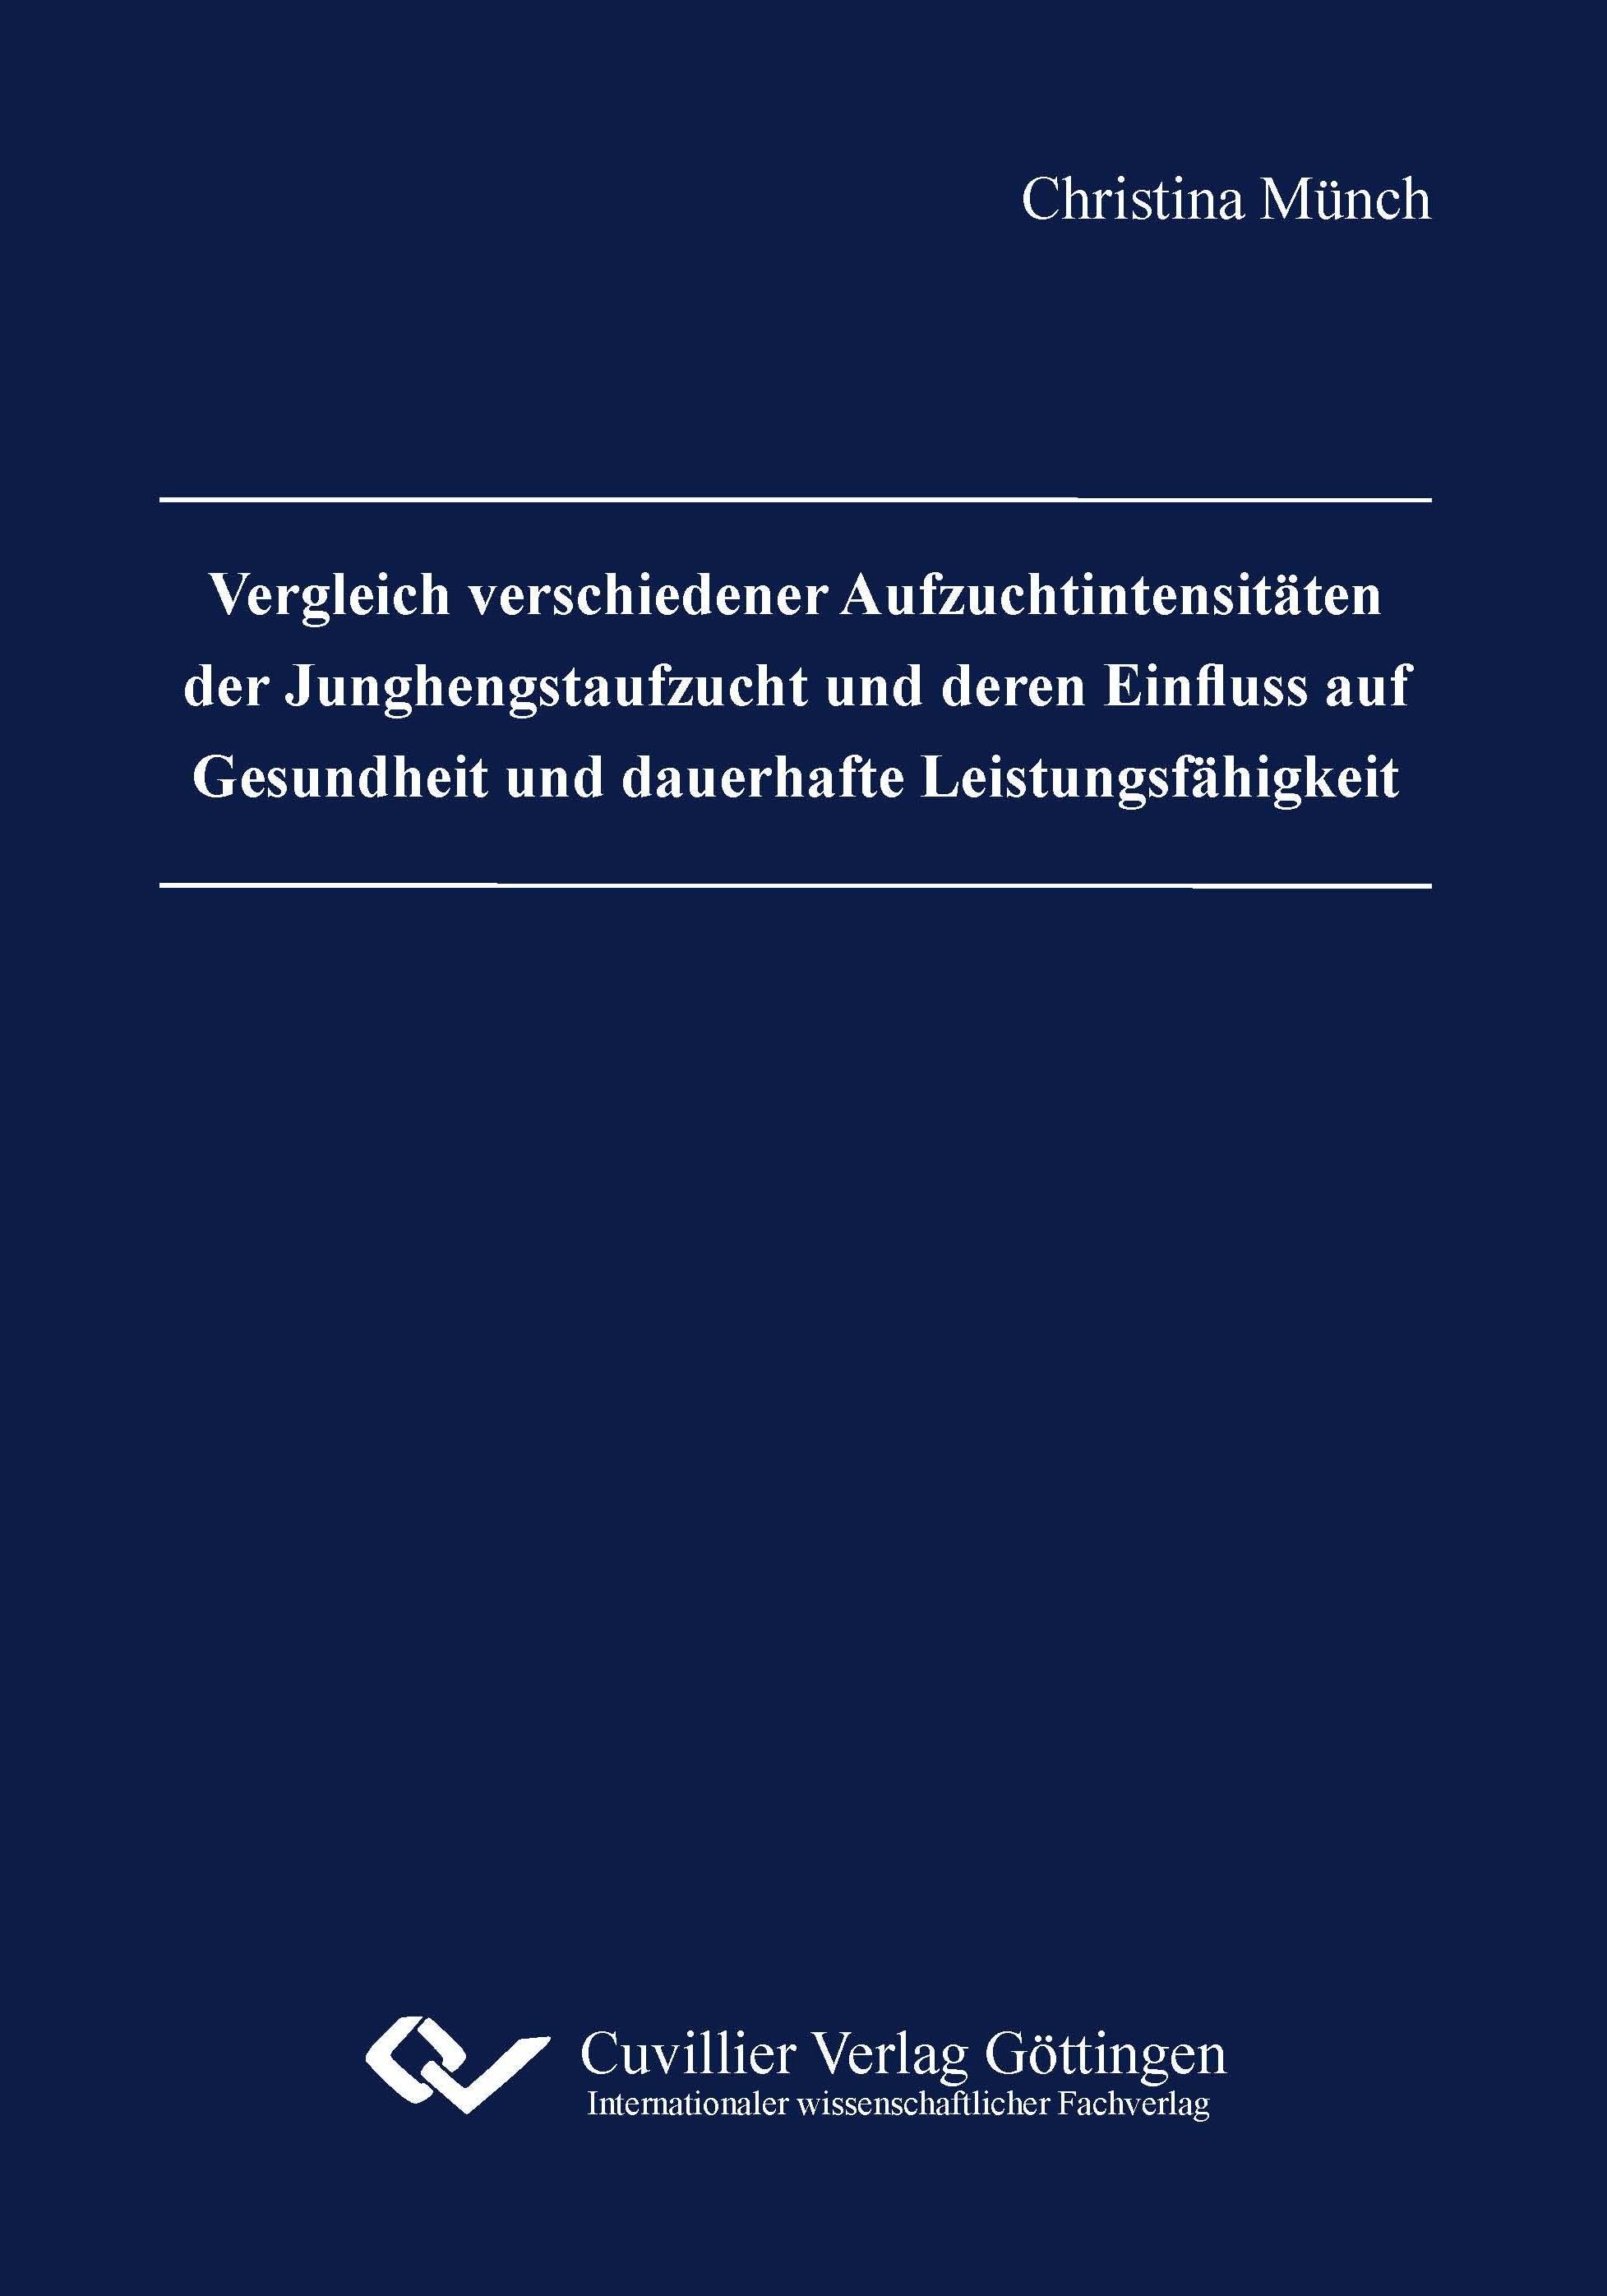 Vergleich verschiedener Aufzuchtintensitäten der Junghengstaufzucht und deren Einfluss auf Gesundheit und dauerhafte Leistungsfähigkeit - Christina Münch